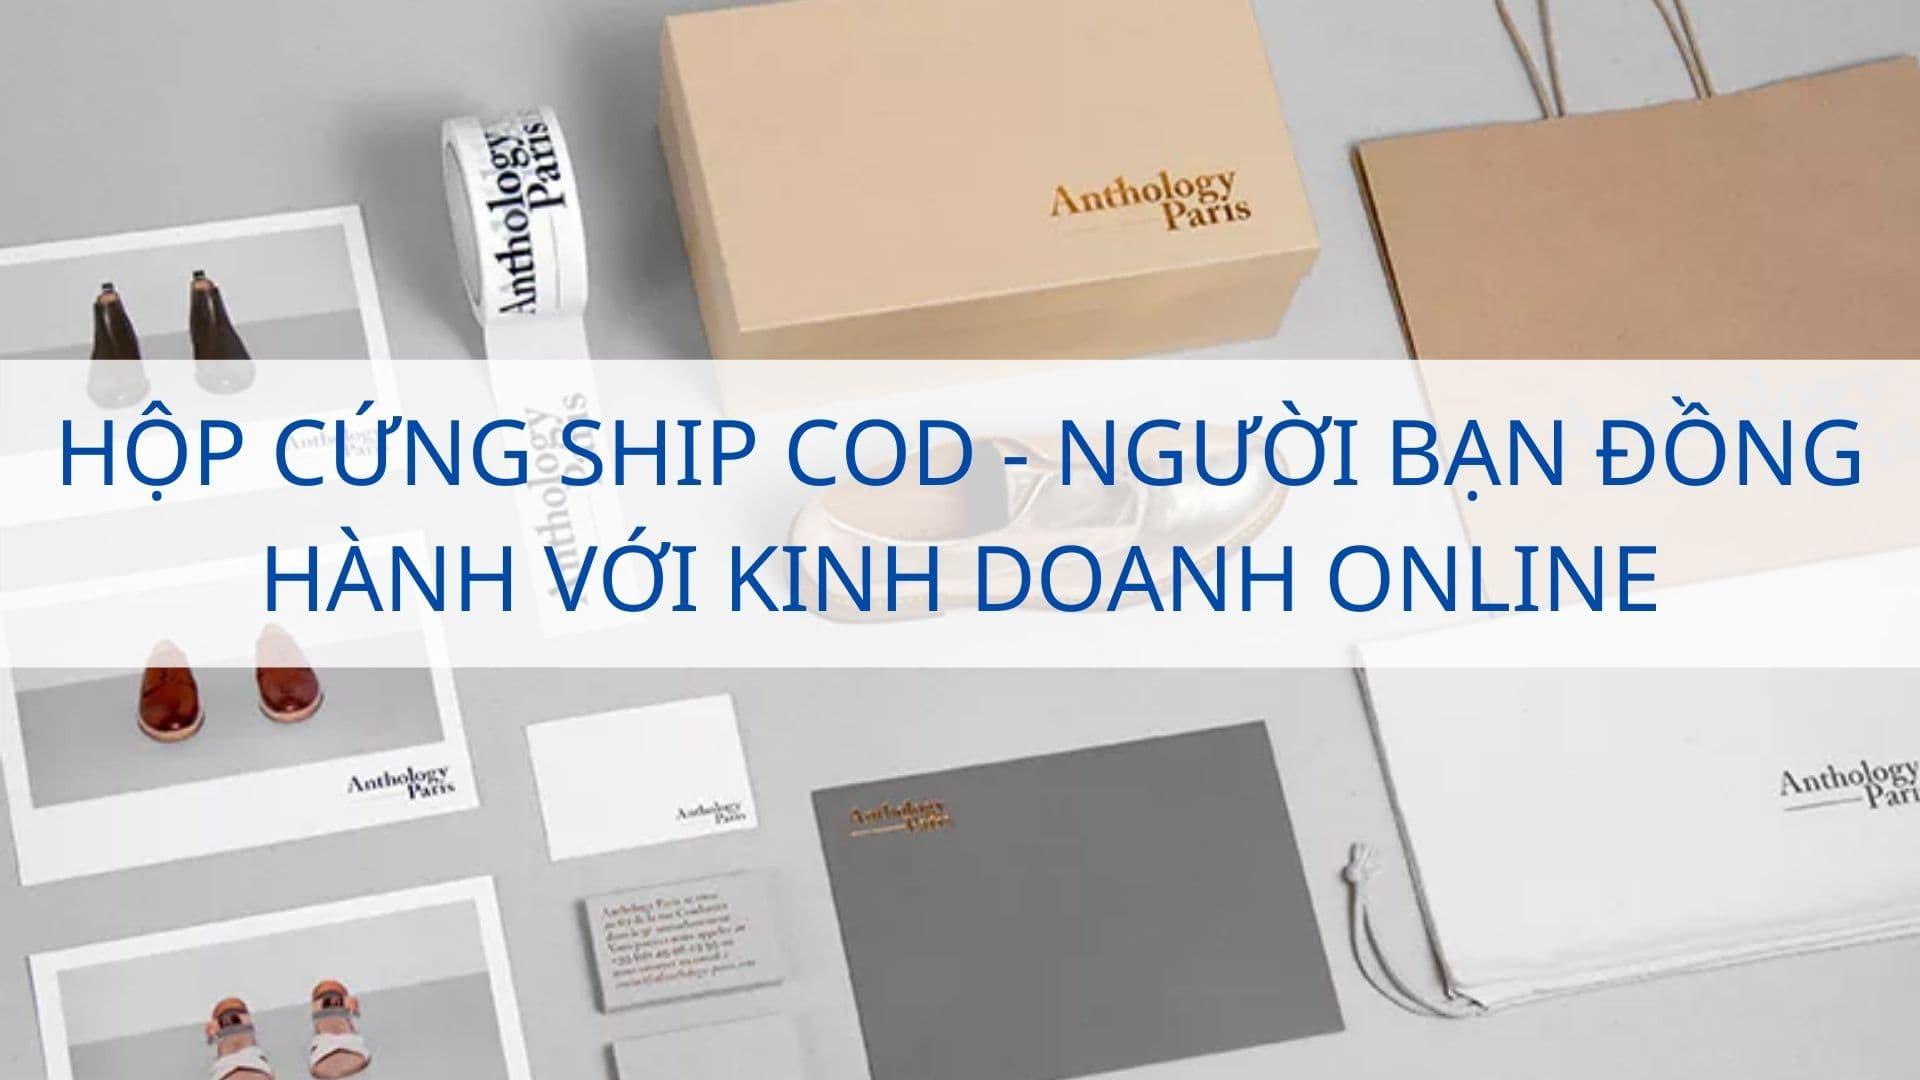 hop-cung-ship-cod-nguoi-ban-dong-hanh